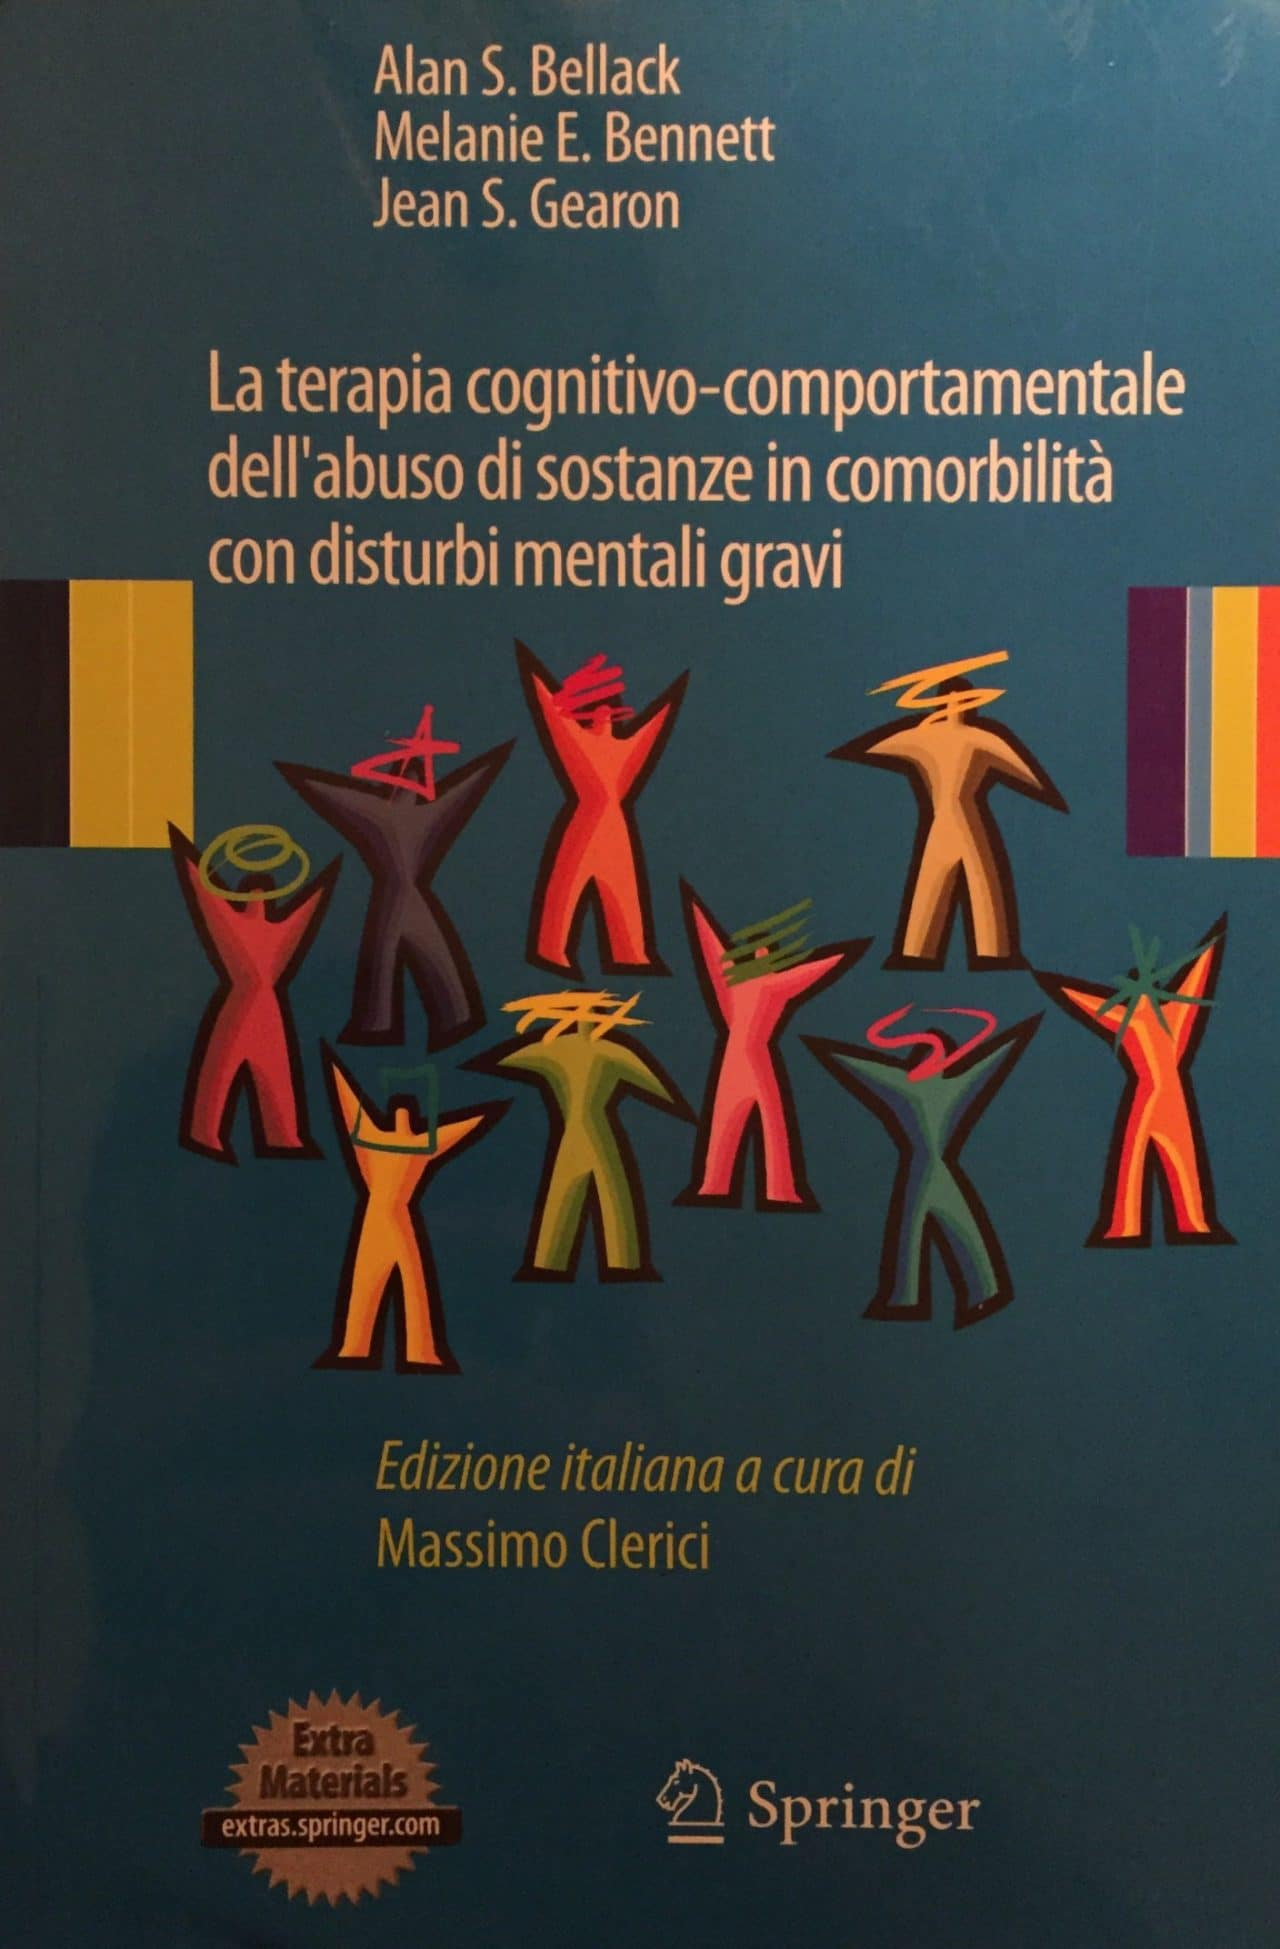 La Tereapia Cognitivo-comportamentale Dell'abuso Di Sostanze In Comorbilità Con Disturbi Mentali Gravi